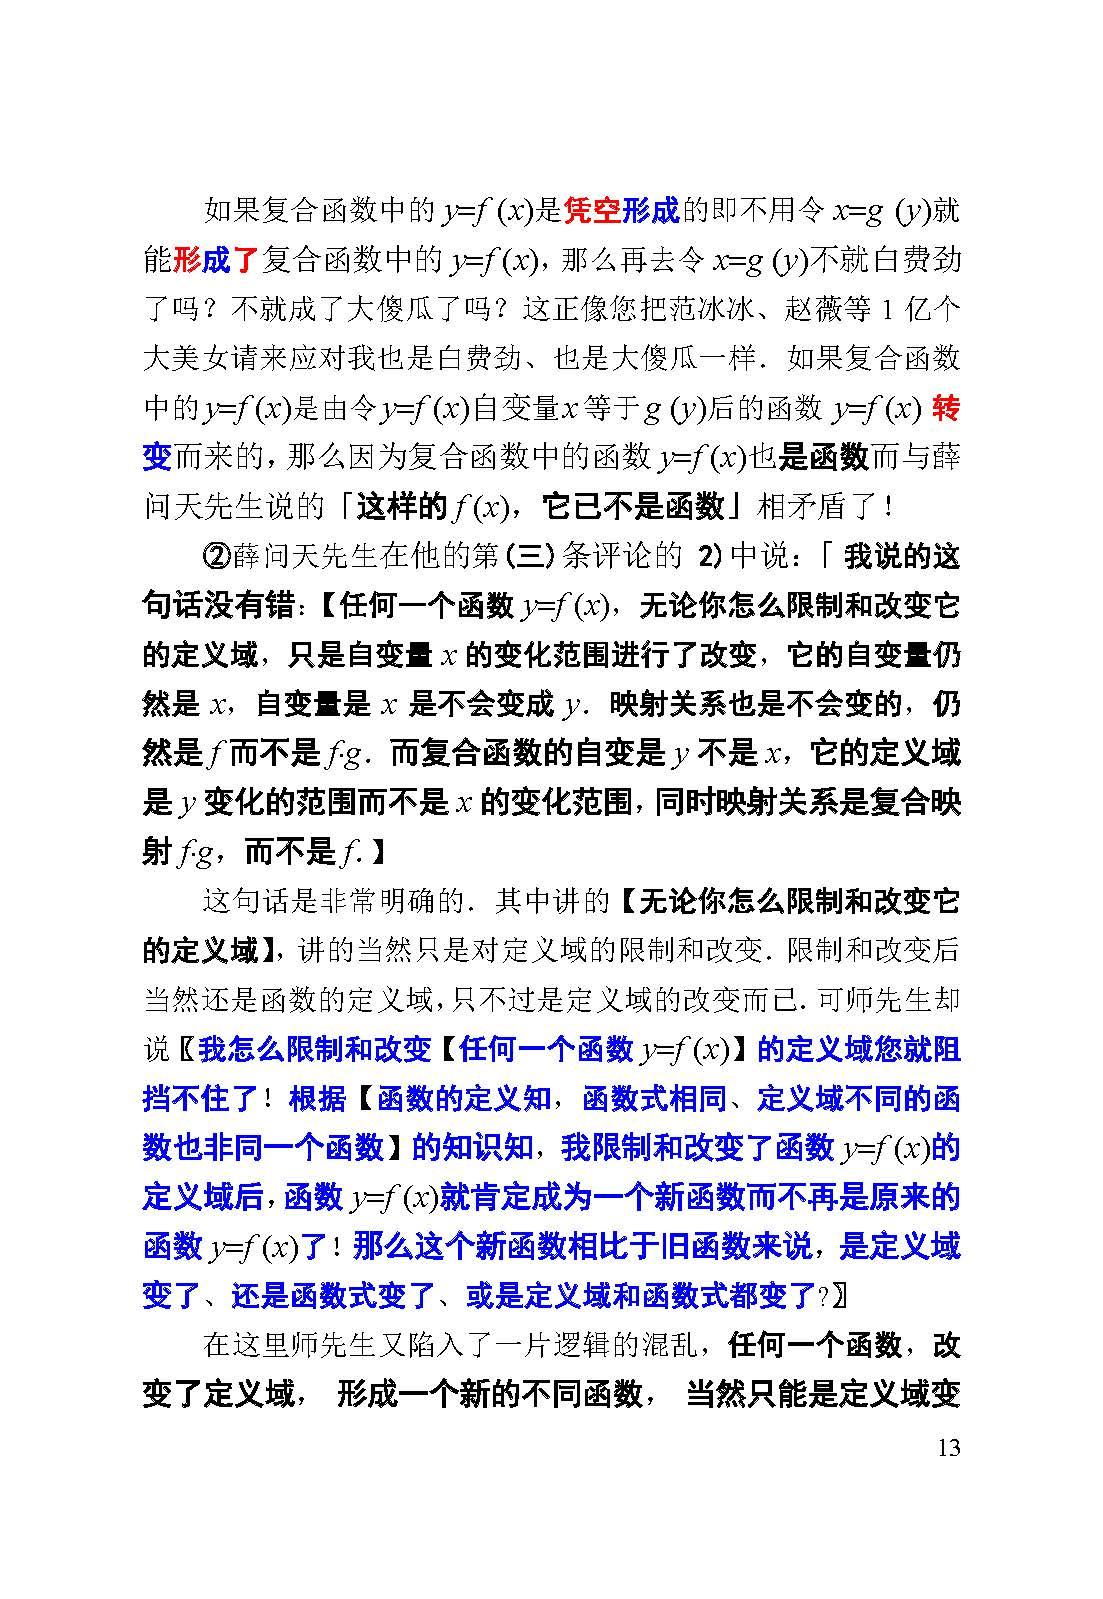 评薛问天先生的文章0428_页面_13.jpg